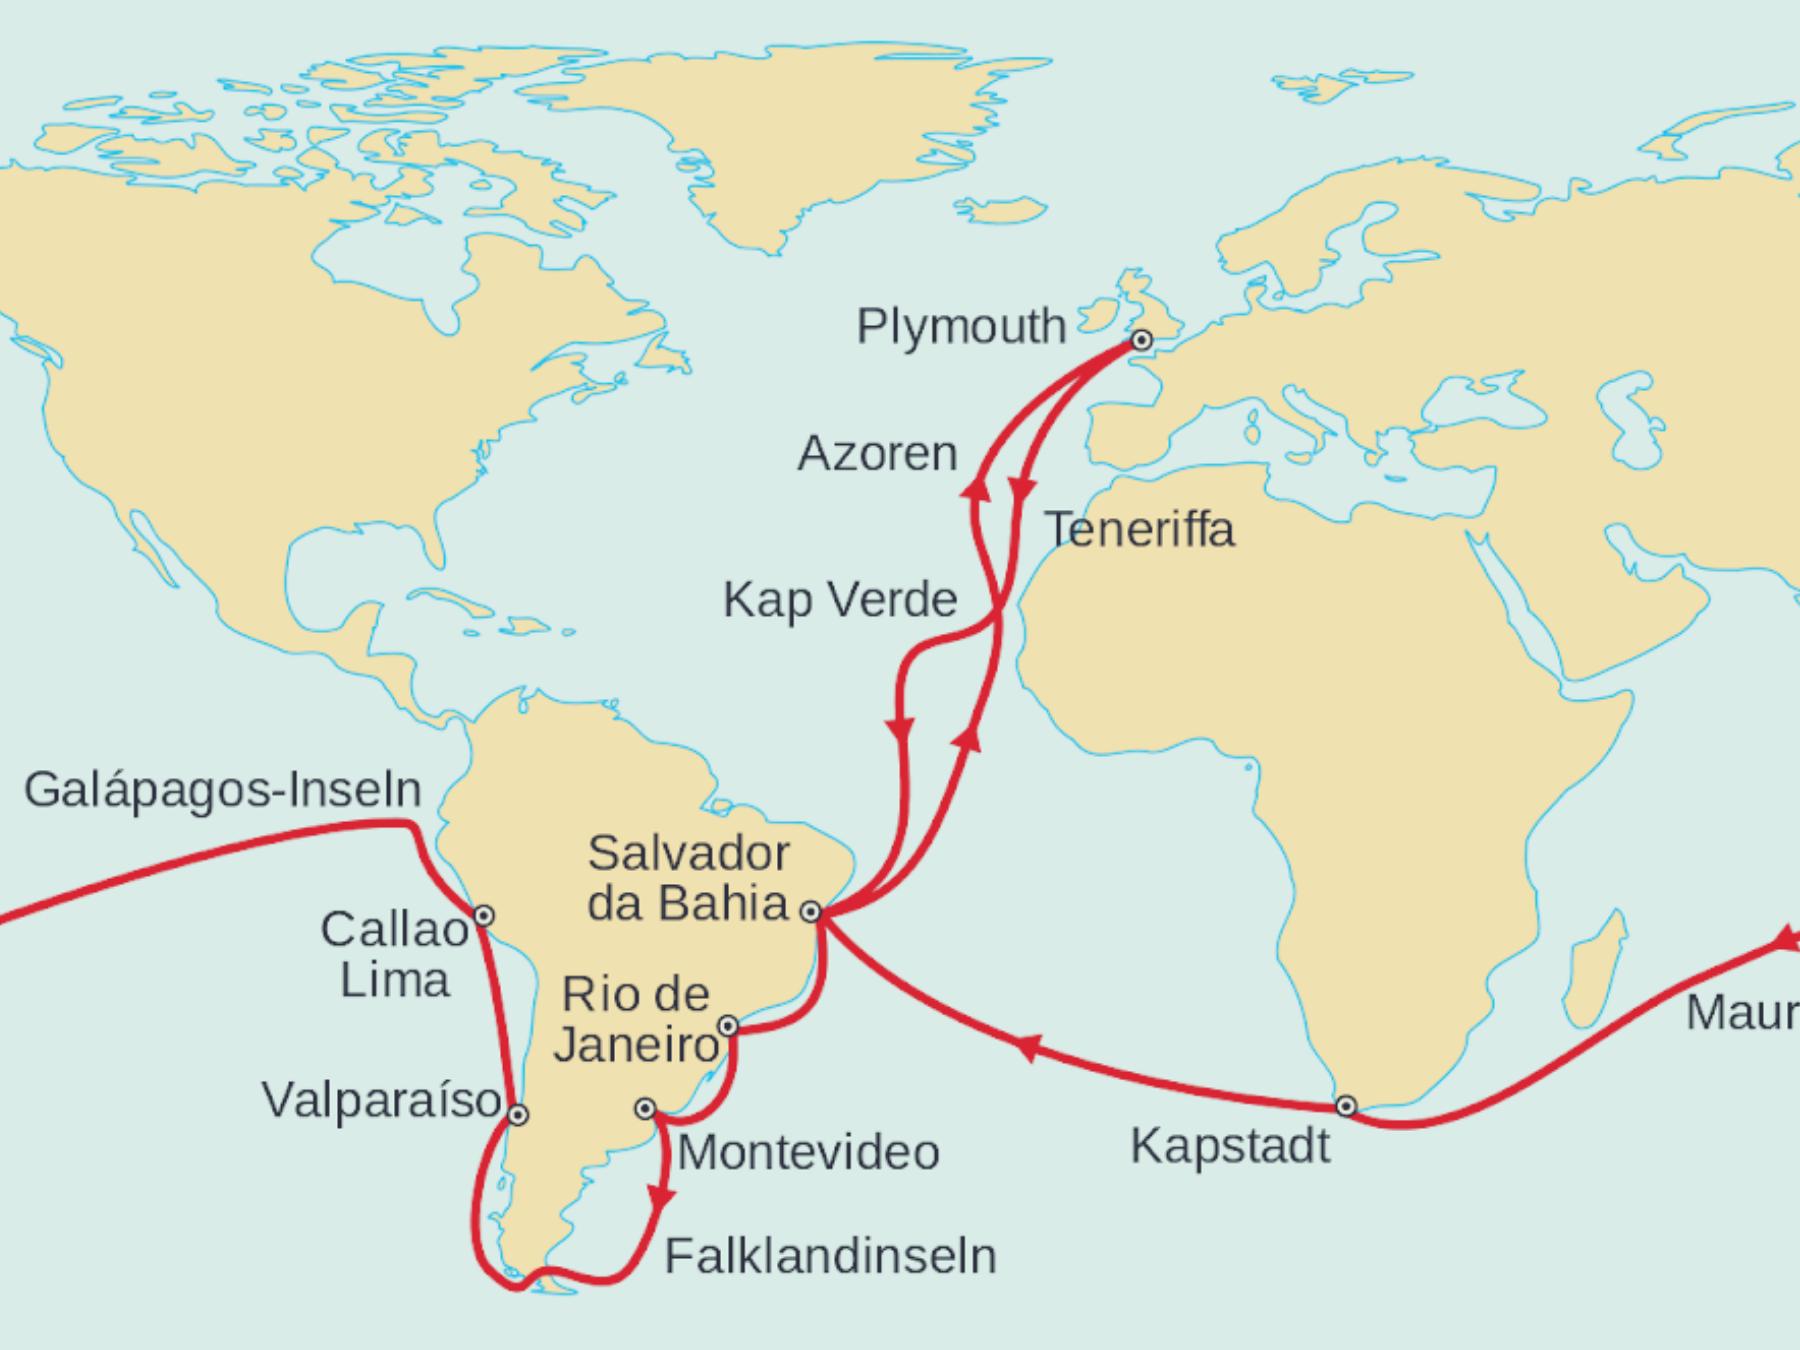 O-que-Darwin-nos-ensinou-sobre-viajar-mapa O que Darwin nos ensinou sobre viajar